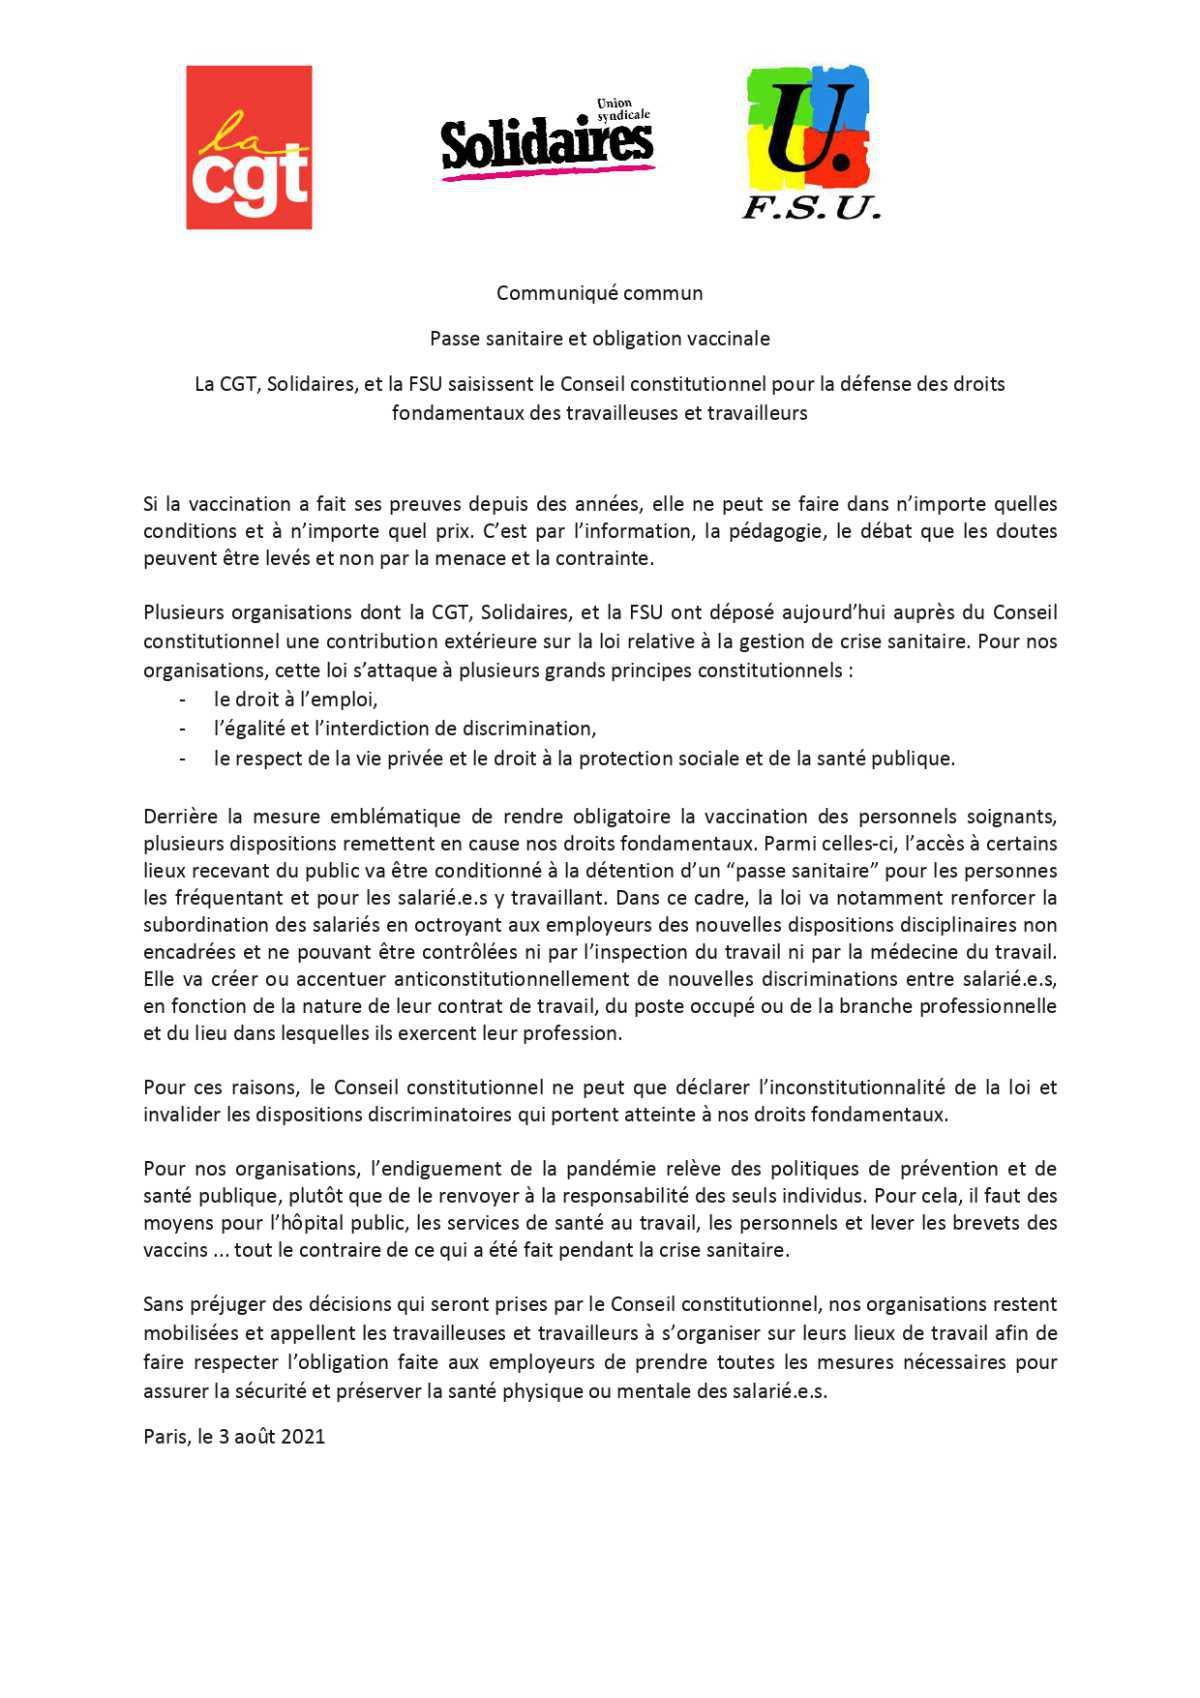 Passe sanitaire et obligation vaccinale : Solidaires, la CGT et la FSU saisissent le Conseil constitutionnel pour la défense des droits fondamentaux des travailleuses et travailleurs